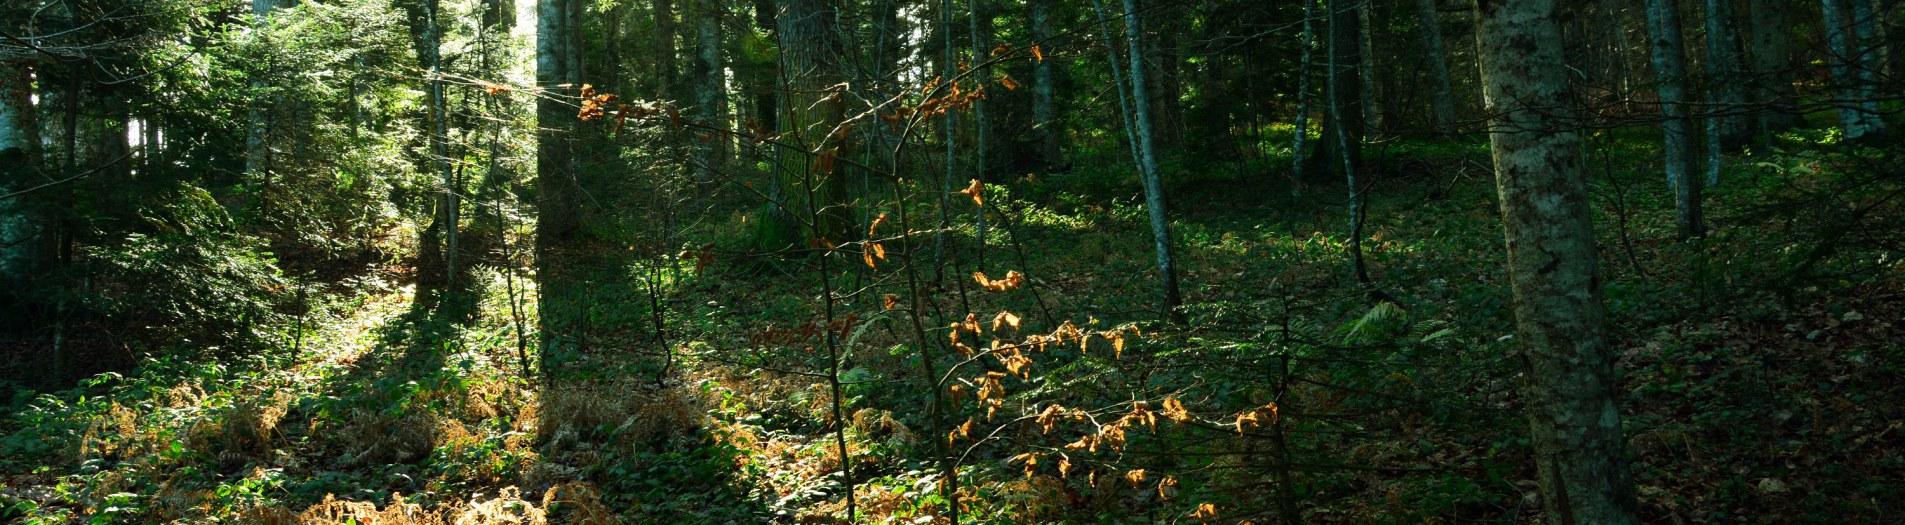 Woods are my Wonderland